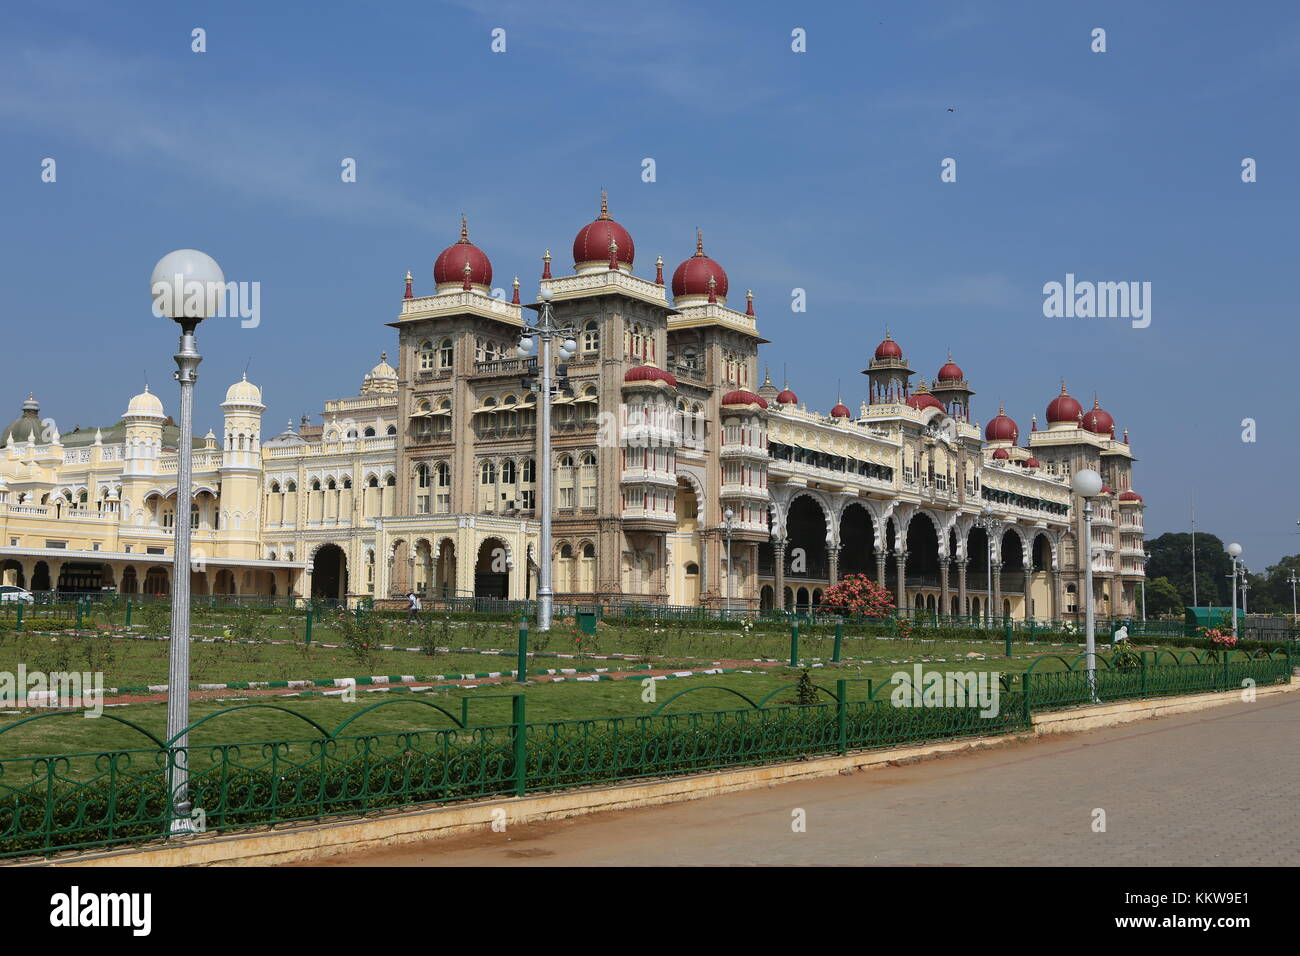 Der Palast von Mysore in Karnataka, Südindien - Palast in Mysore, Indien Stockbild